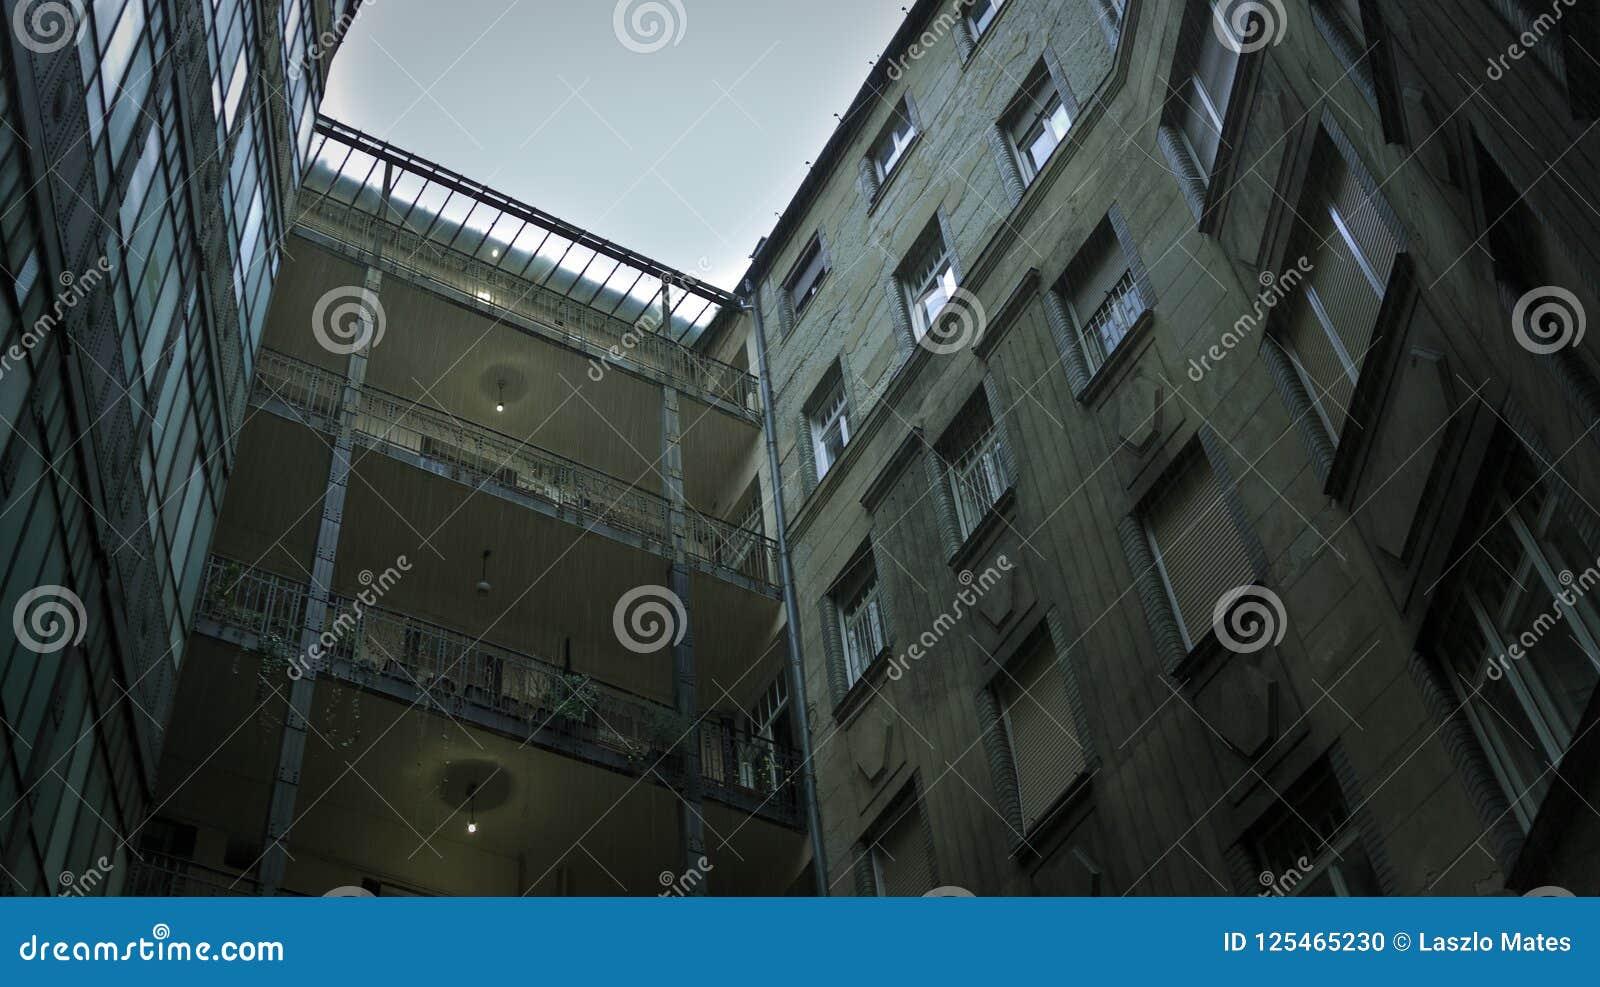 χαρακτηριστικό προαύλιο σε ένα από το κλασσικό κατοικημένο κτήριο στη Βουδαπέστη, Ουγγαρία